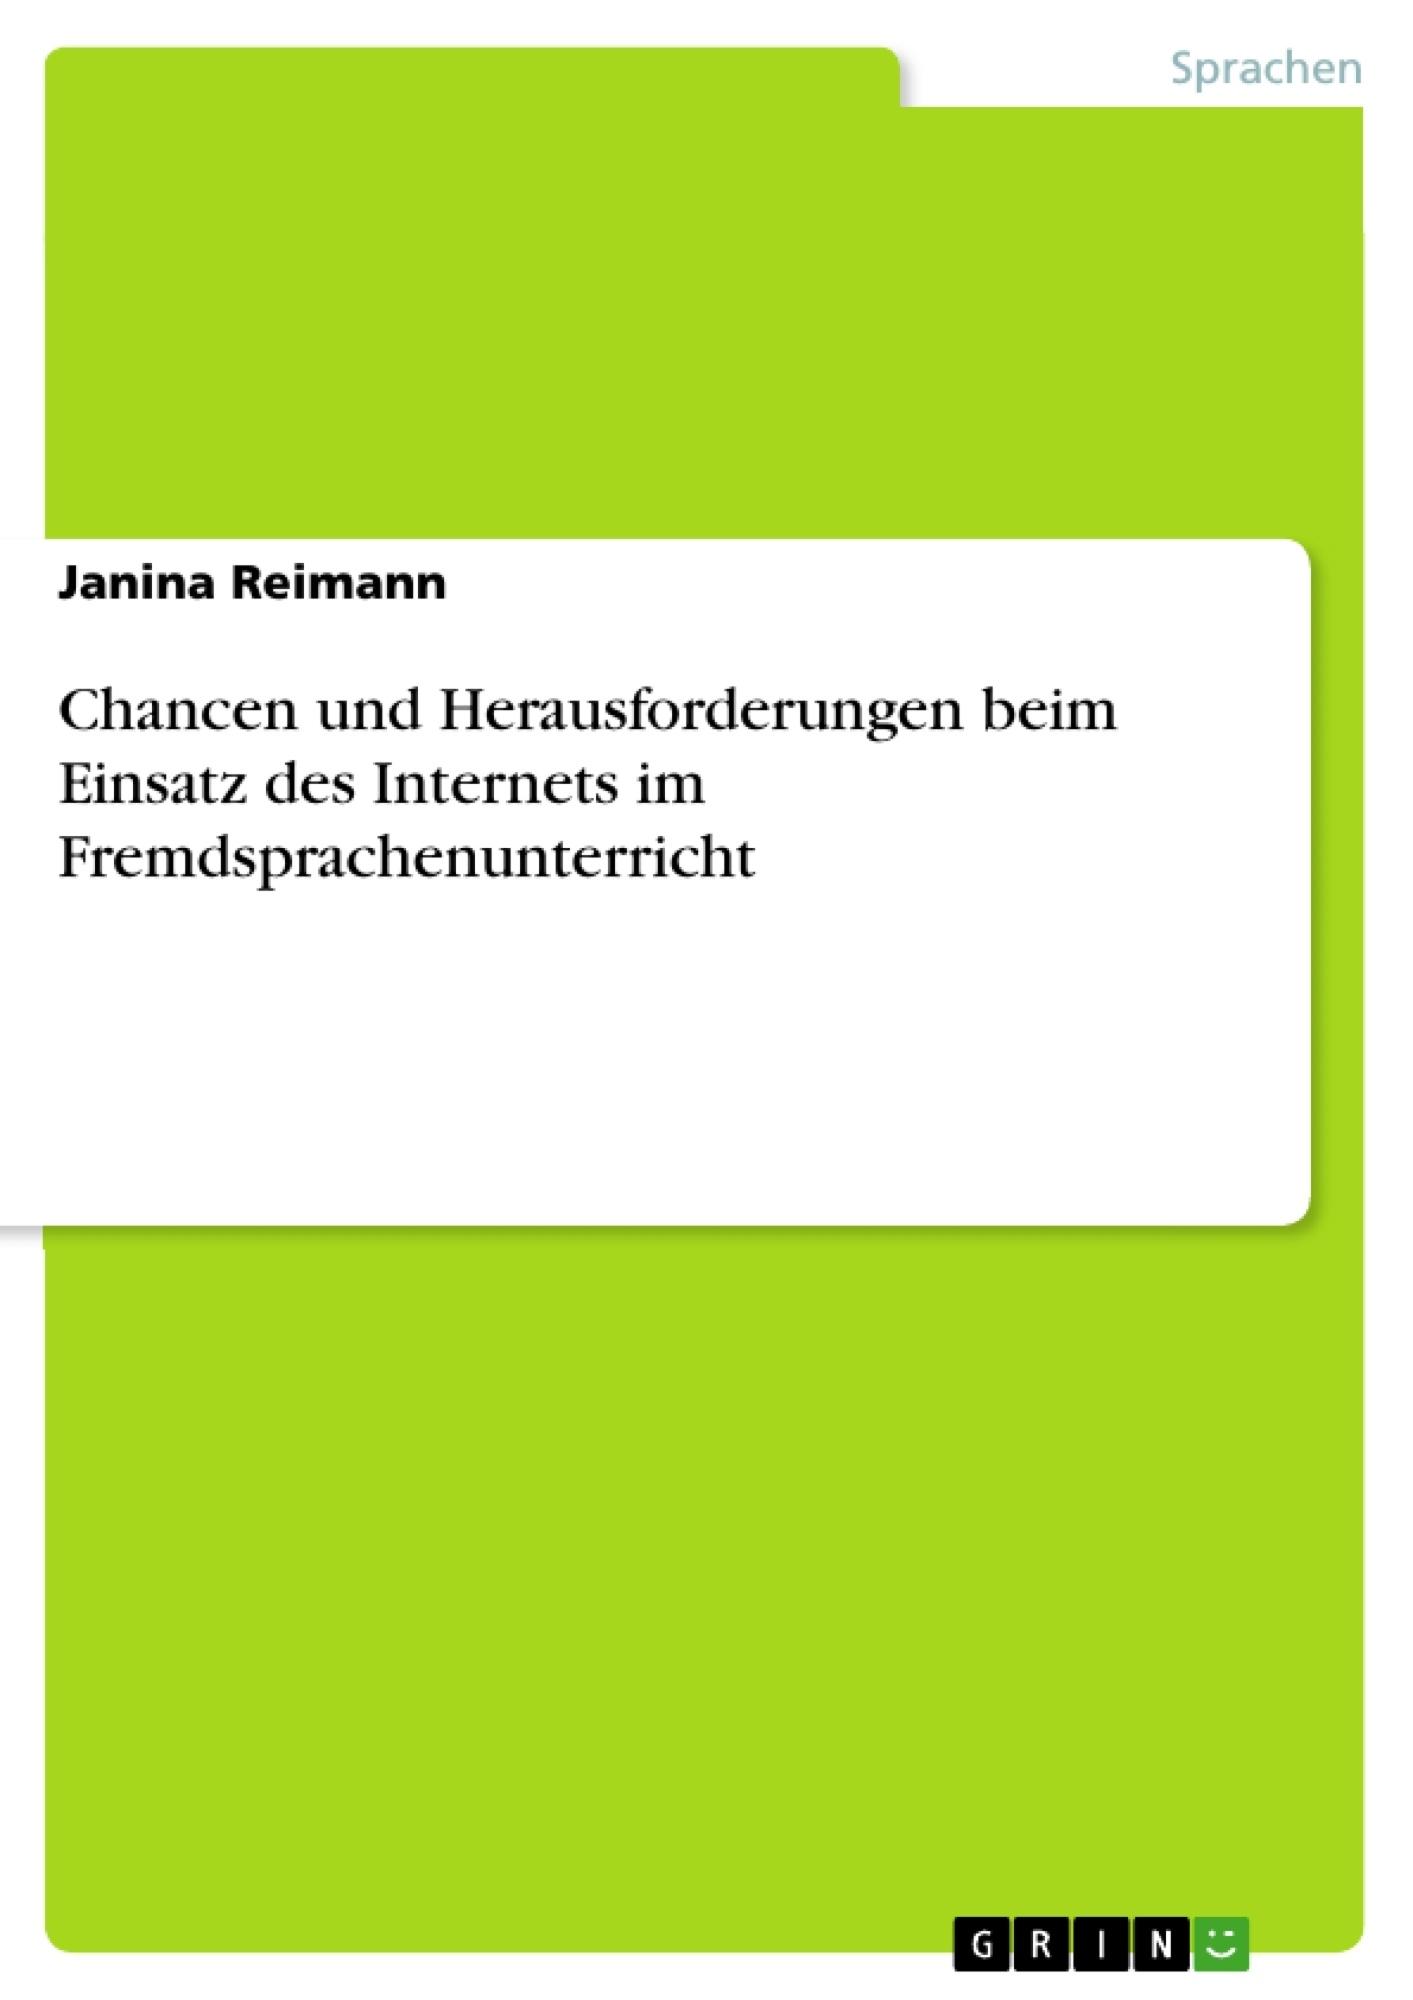 Titel: Chancen und Herausforderungen beim Einsatz des Internets im Fremdsprachenunterricht